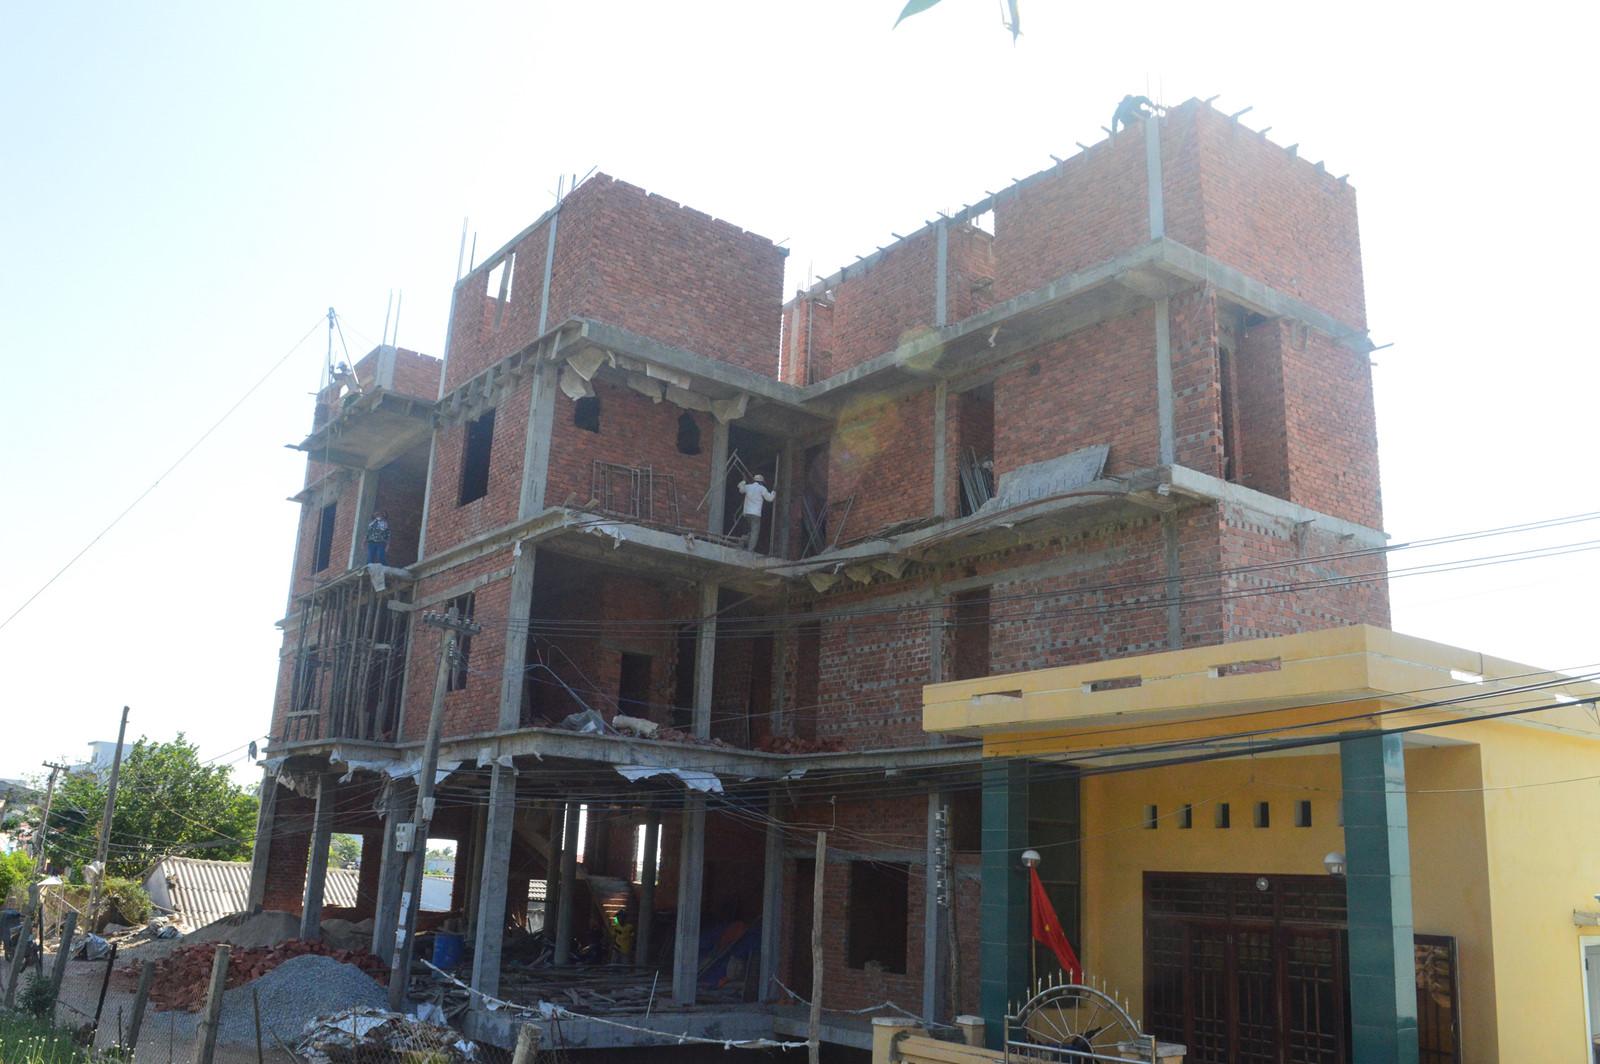 Do buông lỏng quản lý đất đai, xây dựng nên thời gian qua tại đảo Lý Sơn (Quảng Ngãi) mọc lên nhiều công trình xây dựng không phép